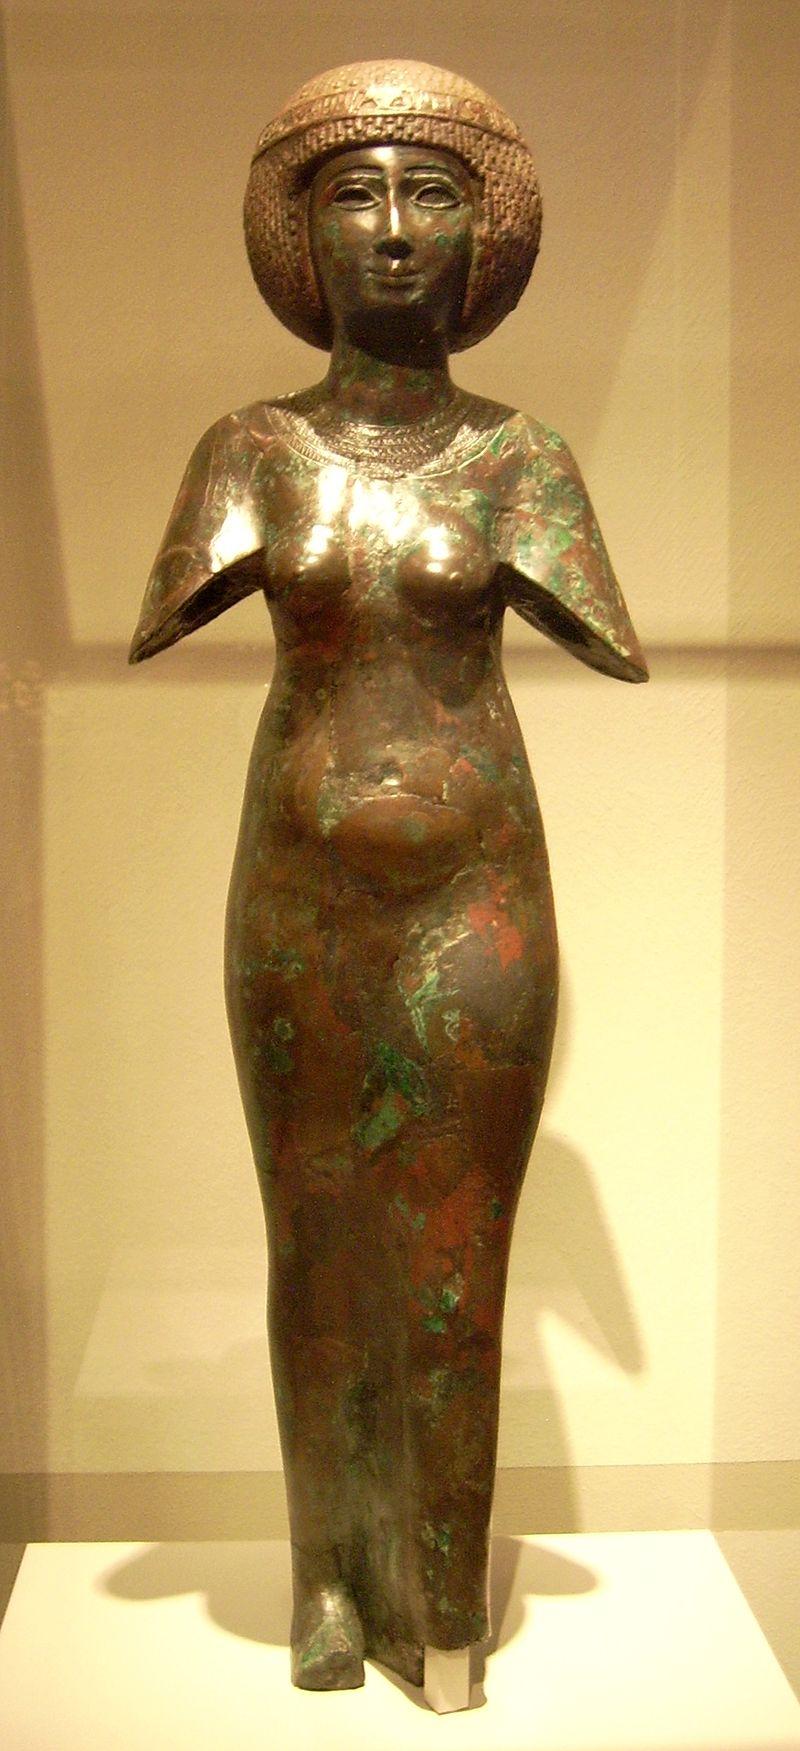 مجسمه برنزی از یک ملکه در سلسله دوم مصر